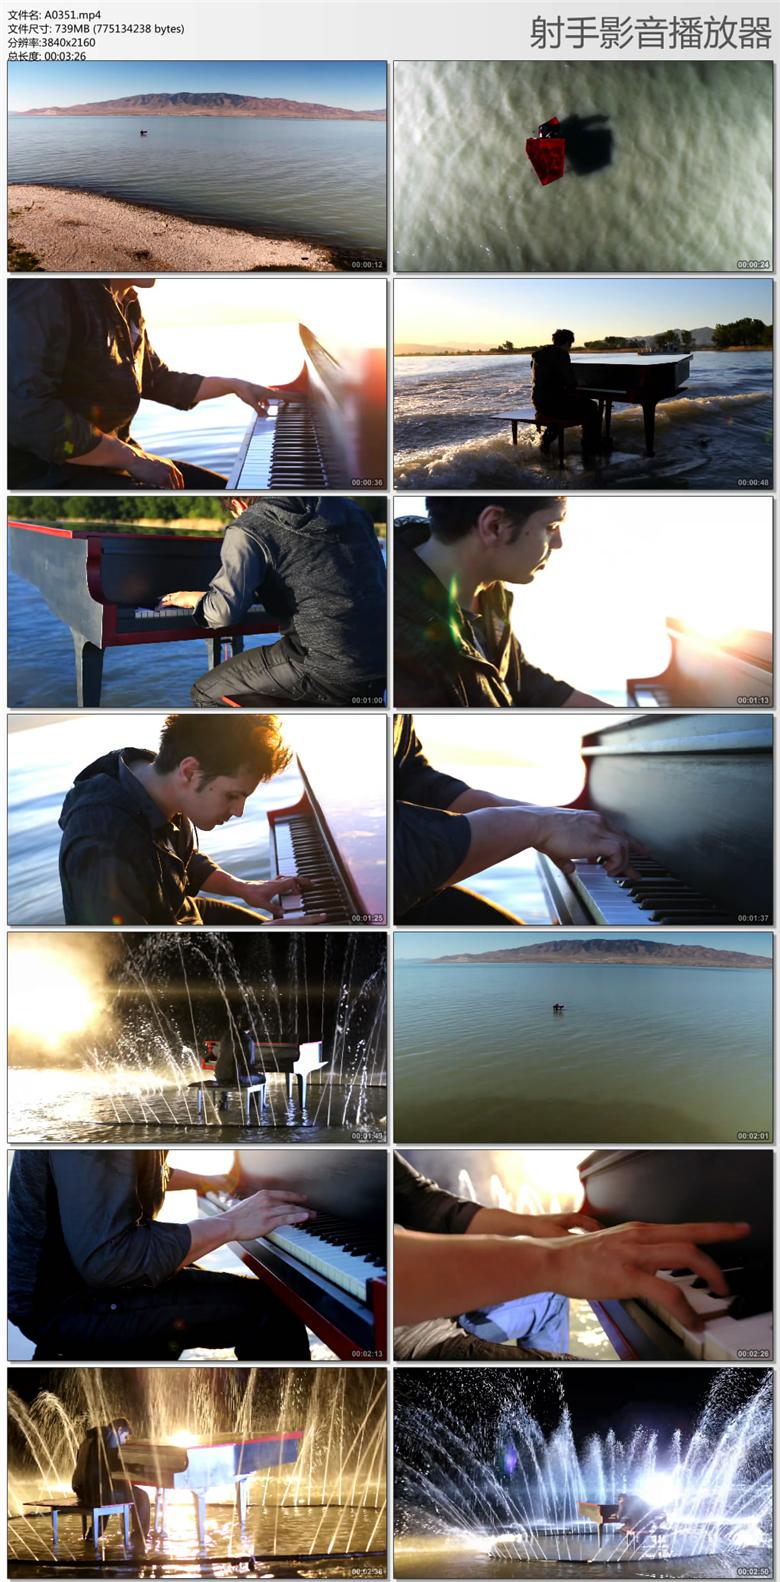 超高4K清湖面上弹钢琴 水上弹钢琴表演演奏文艺实拍视频素材